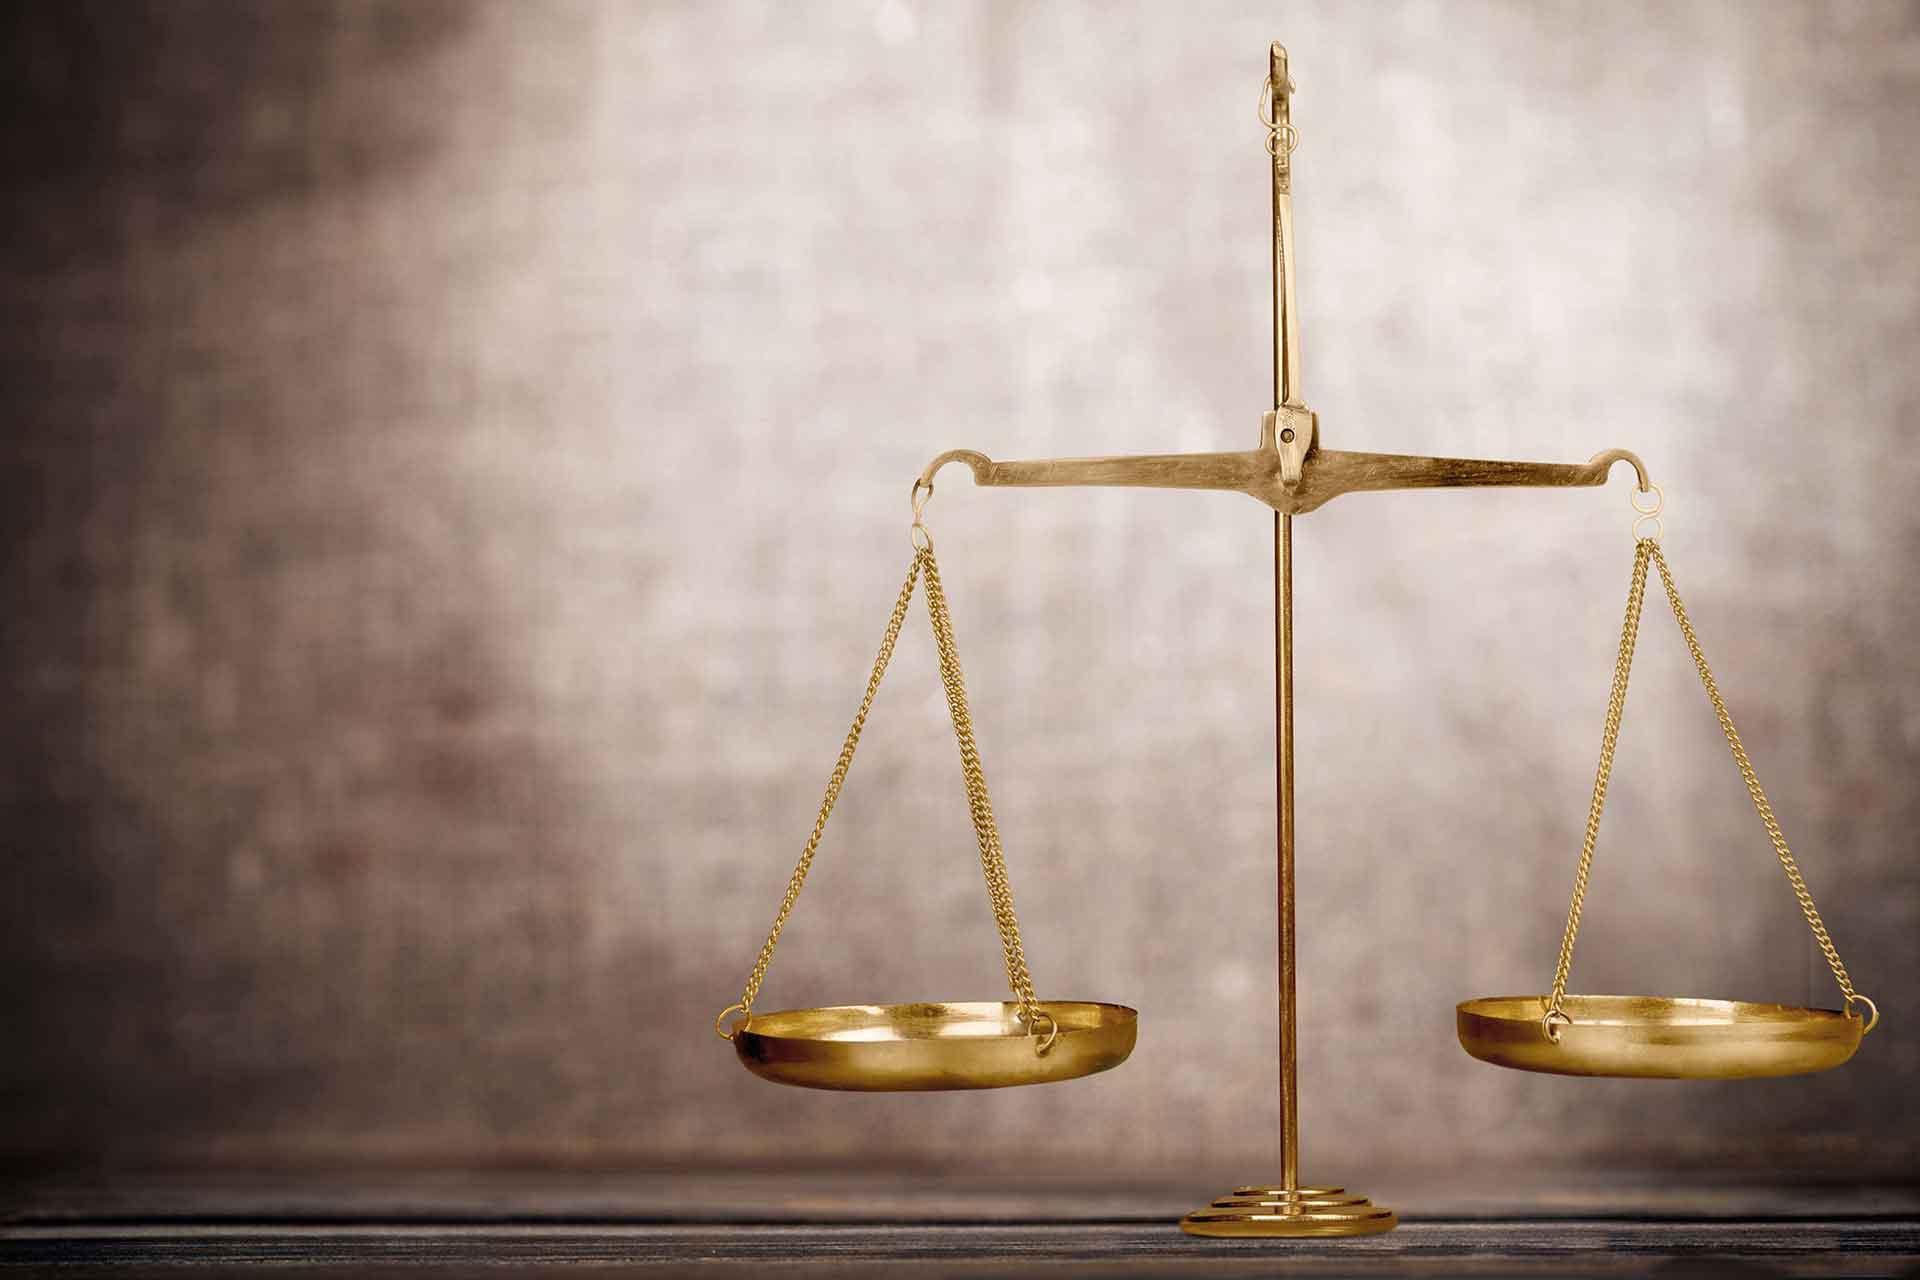 Vrijblijvend juridisch advies strafrecht advocaat - Weening Strafrechtadvocaten